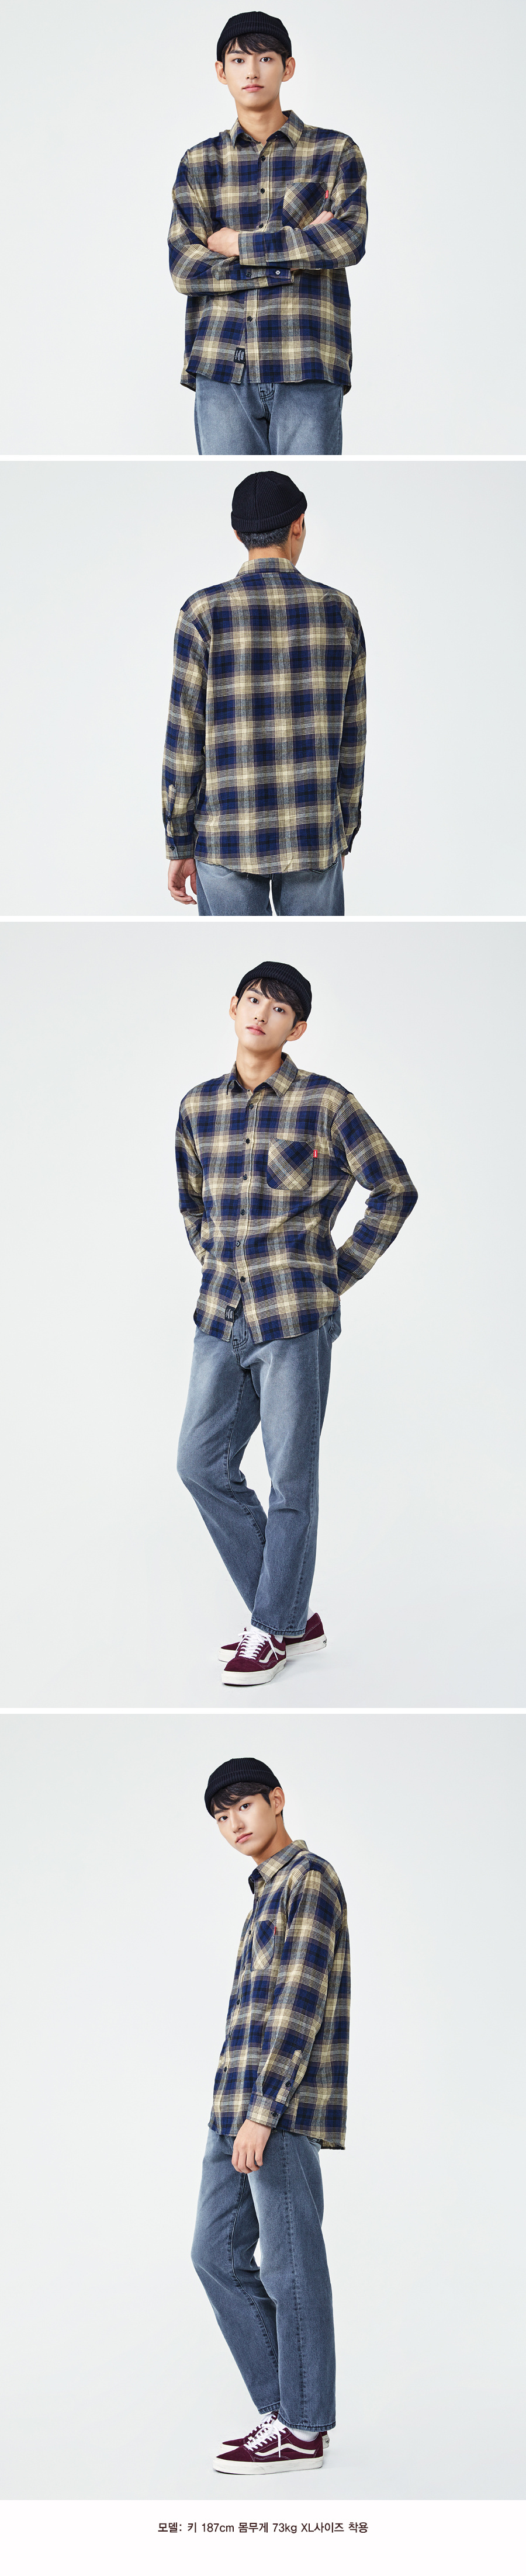 더스토리(THESTORI) 18FW 체크 셔츠 (베이지)